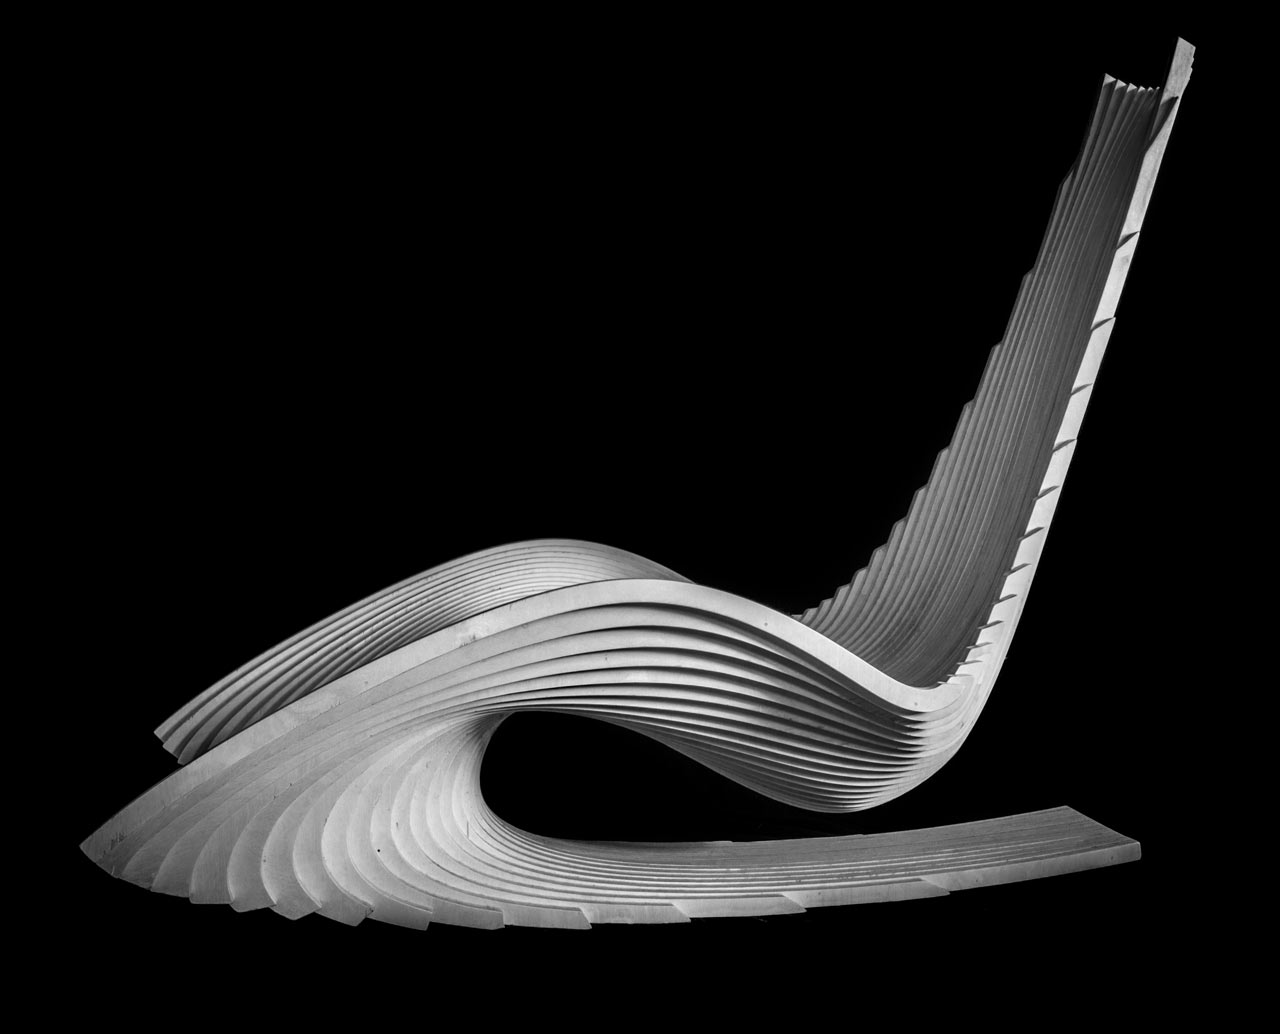 Diwani Rocking Chair by AE SUPERLAB